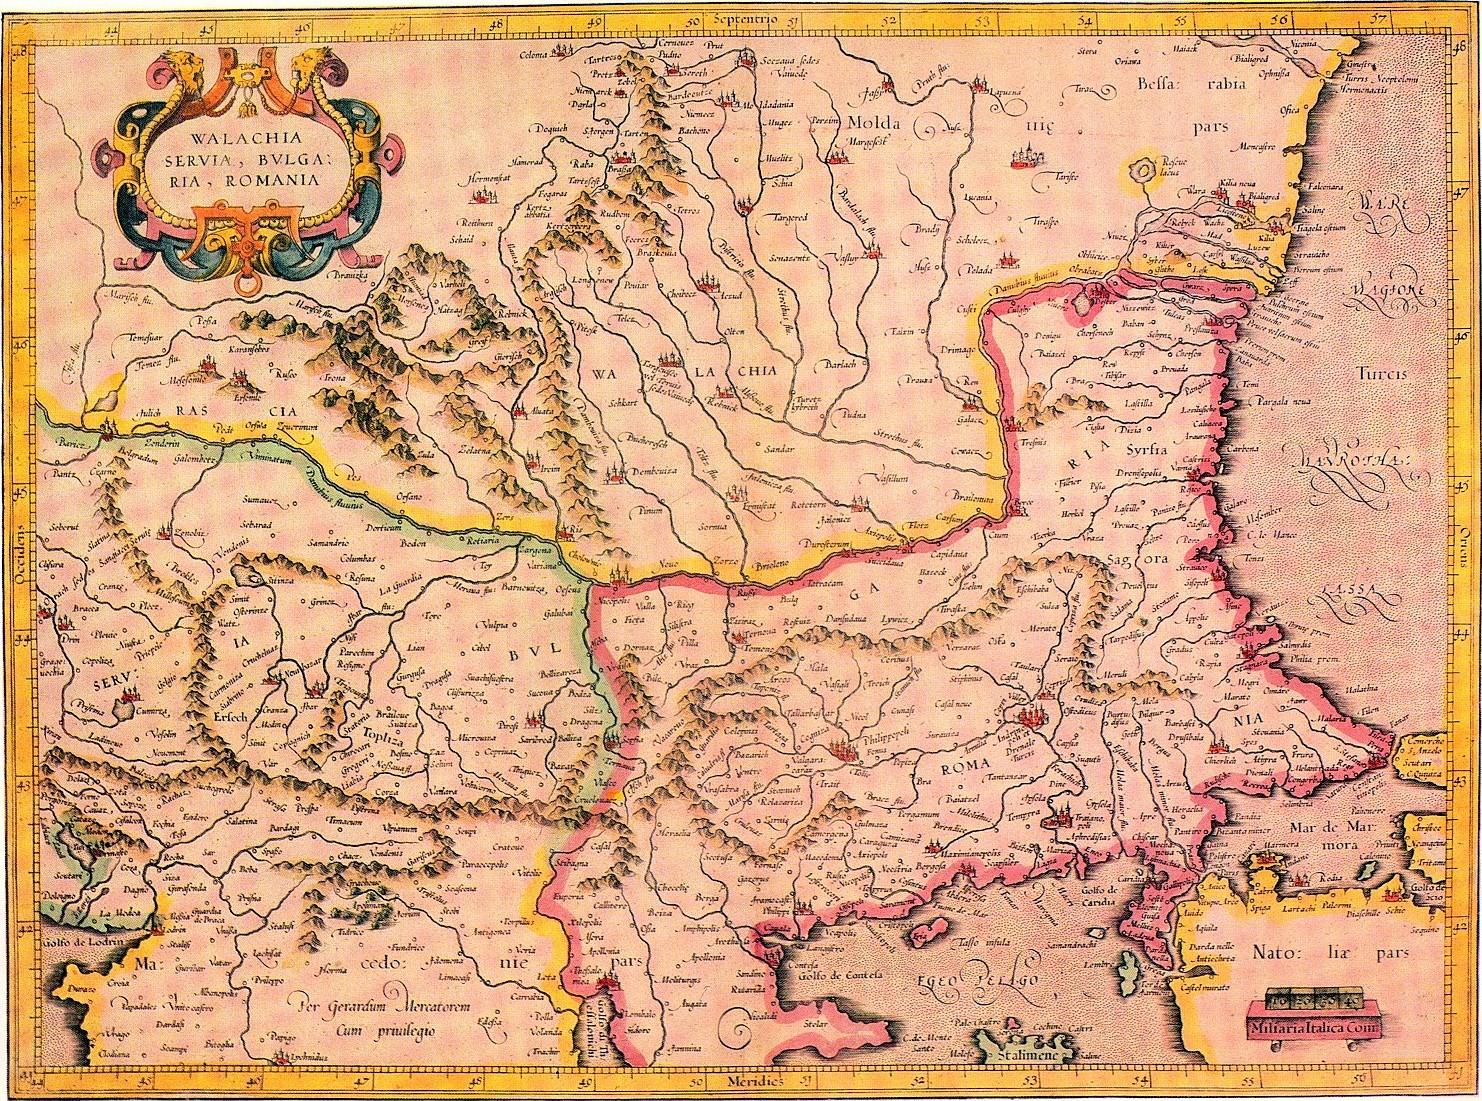 Geograficus Romania E Geografie Nu E Istorie Emil Cioran